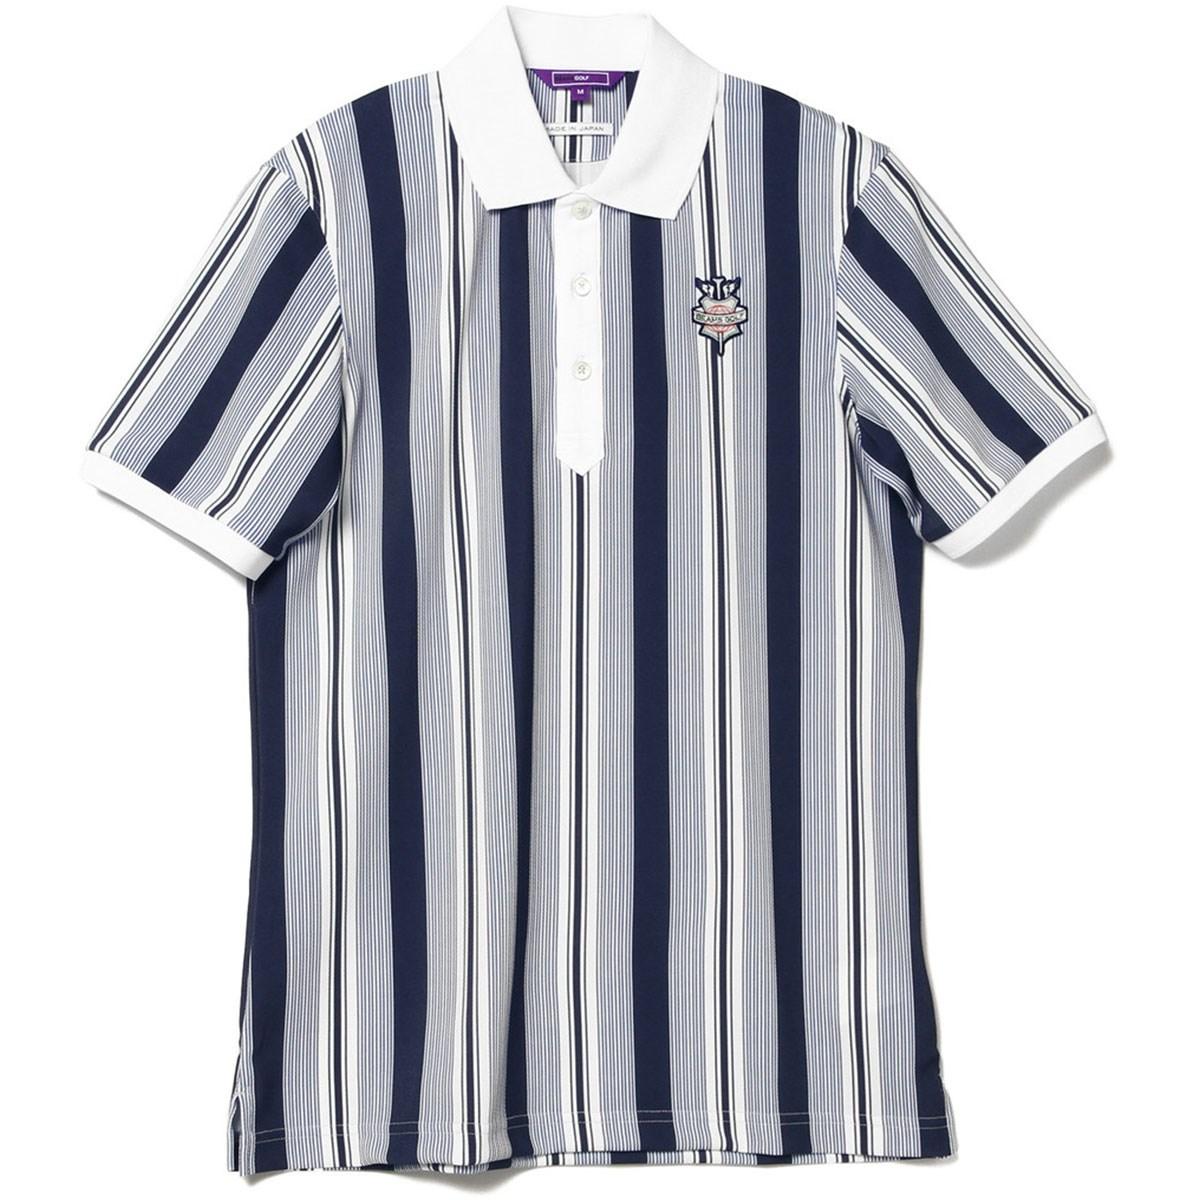 ビームスゴルフ BEAMS GOLF PURPLE LABEL ランダム ストライプ ポロシャツ